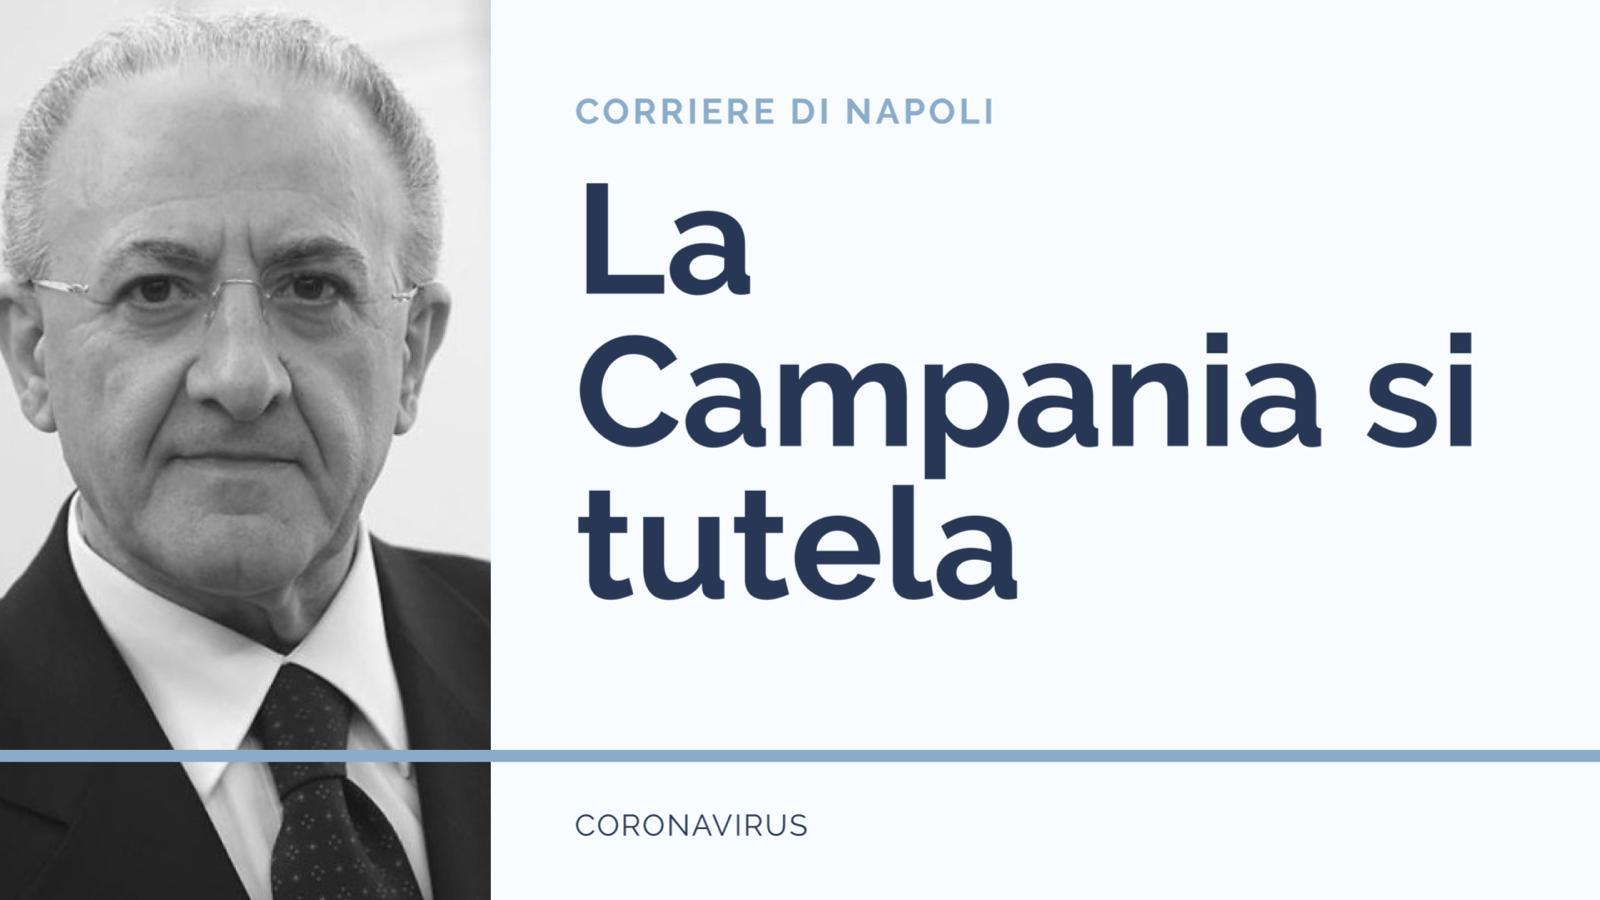 Coronavirus: si tutela anche la Campania